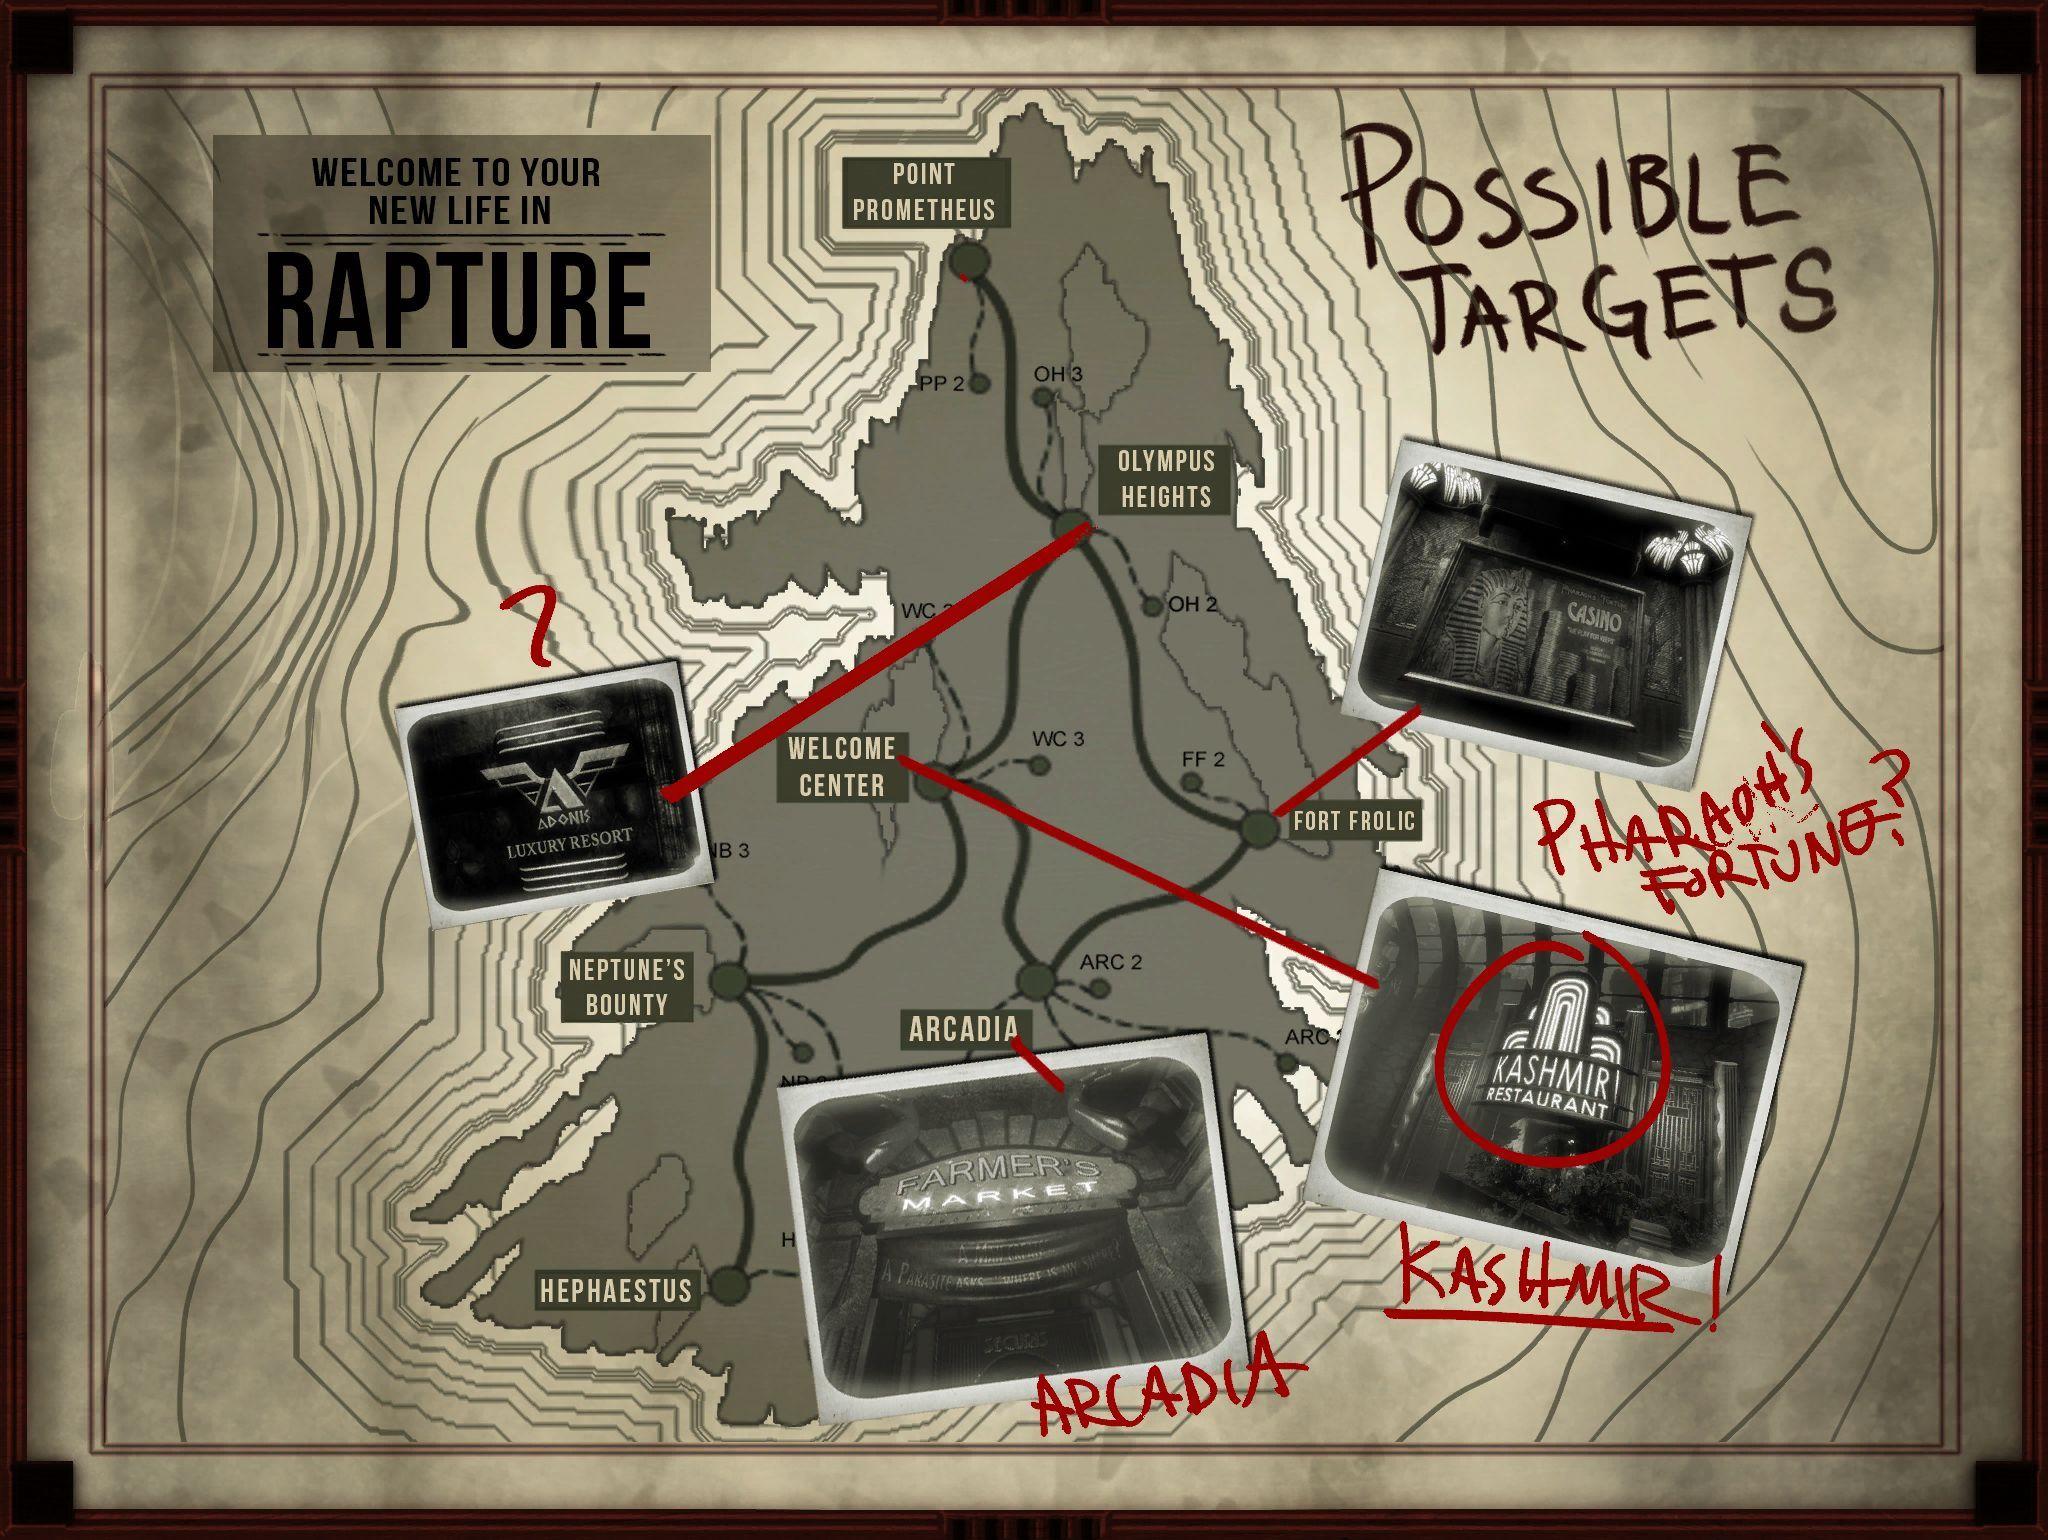 ¿Dónde se encuentra Rapture?